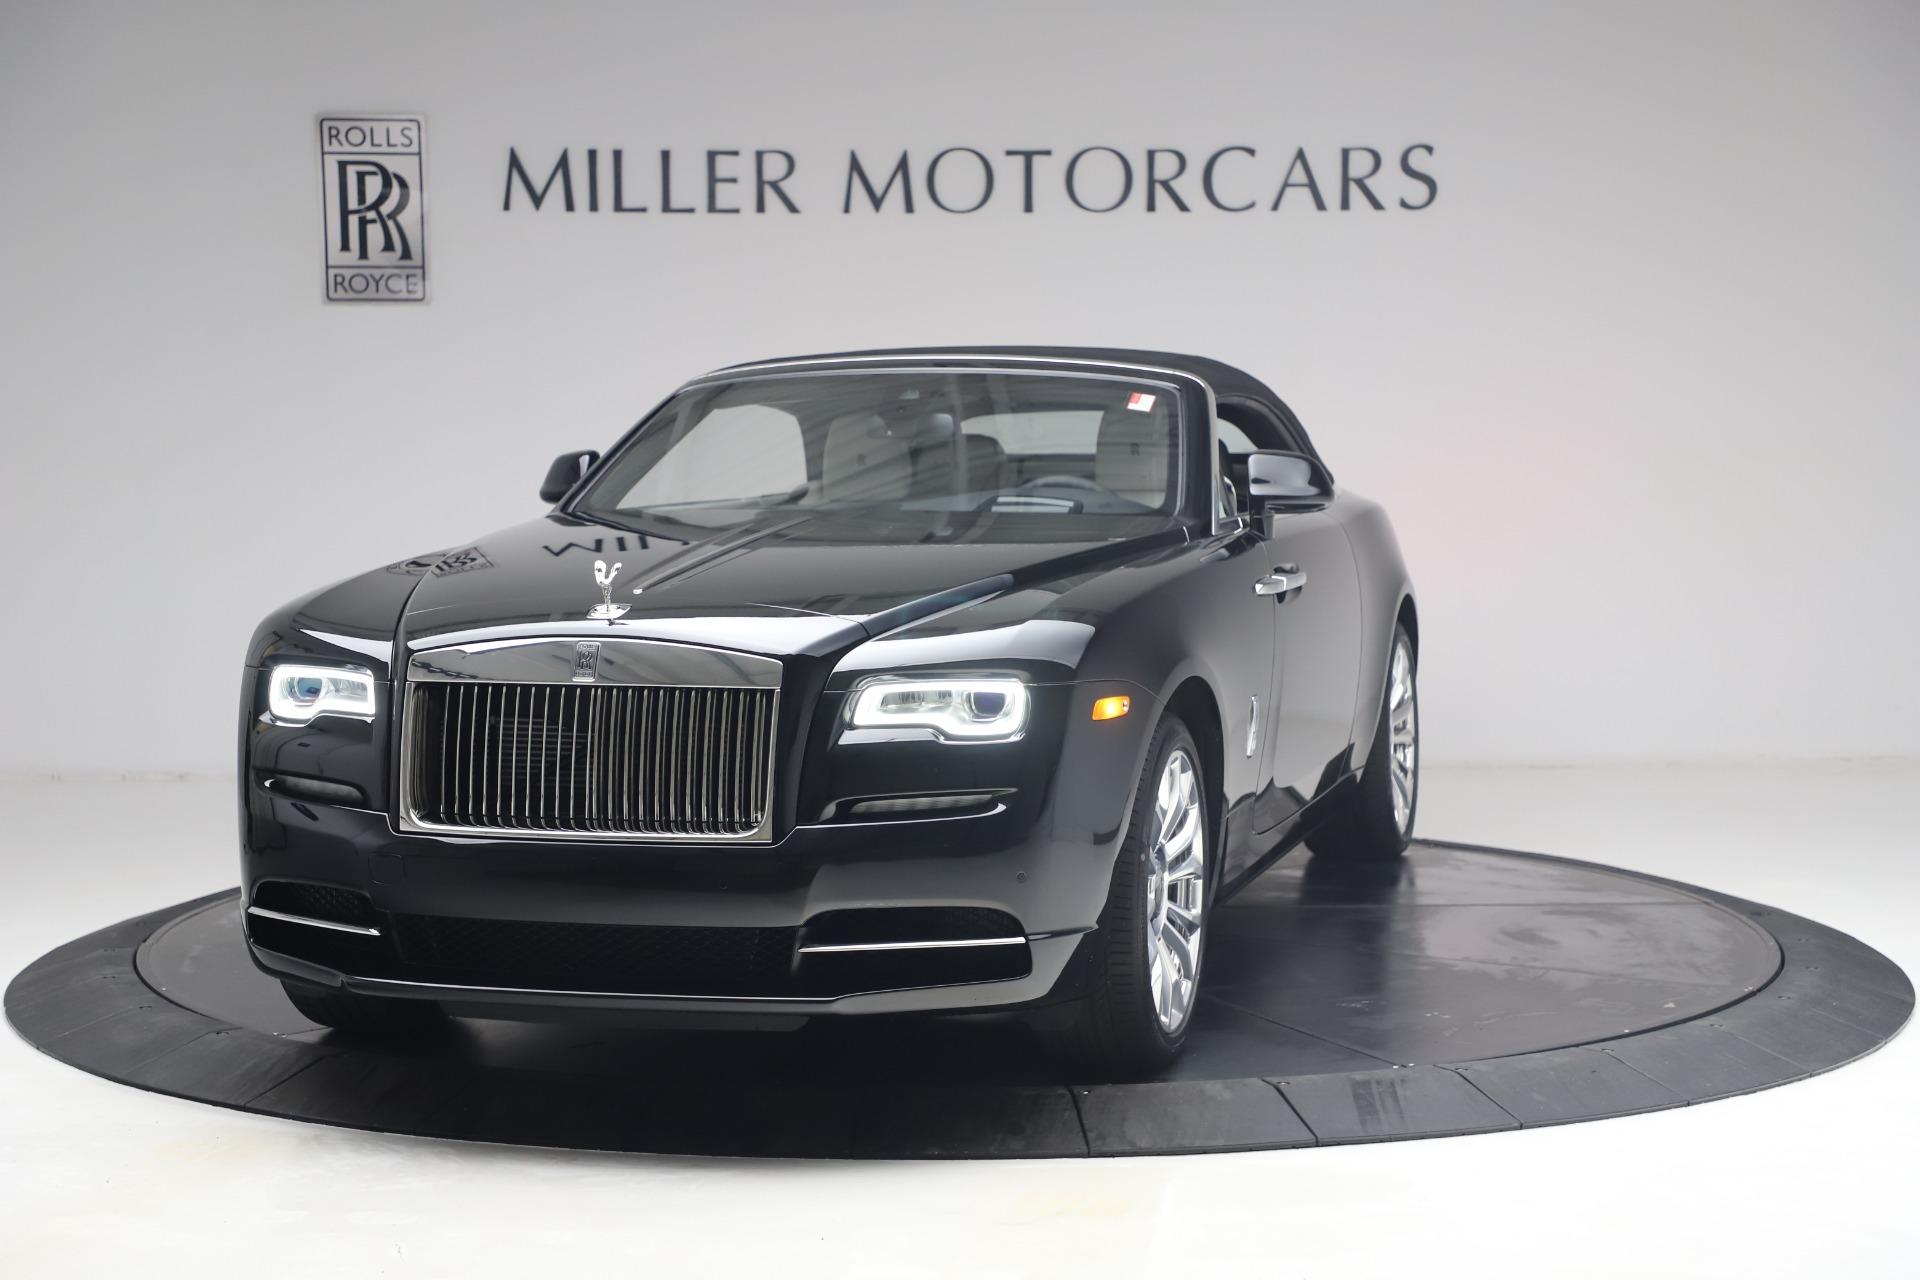 New 2021 Rolls Royce Dawn